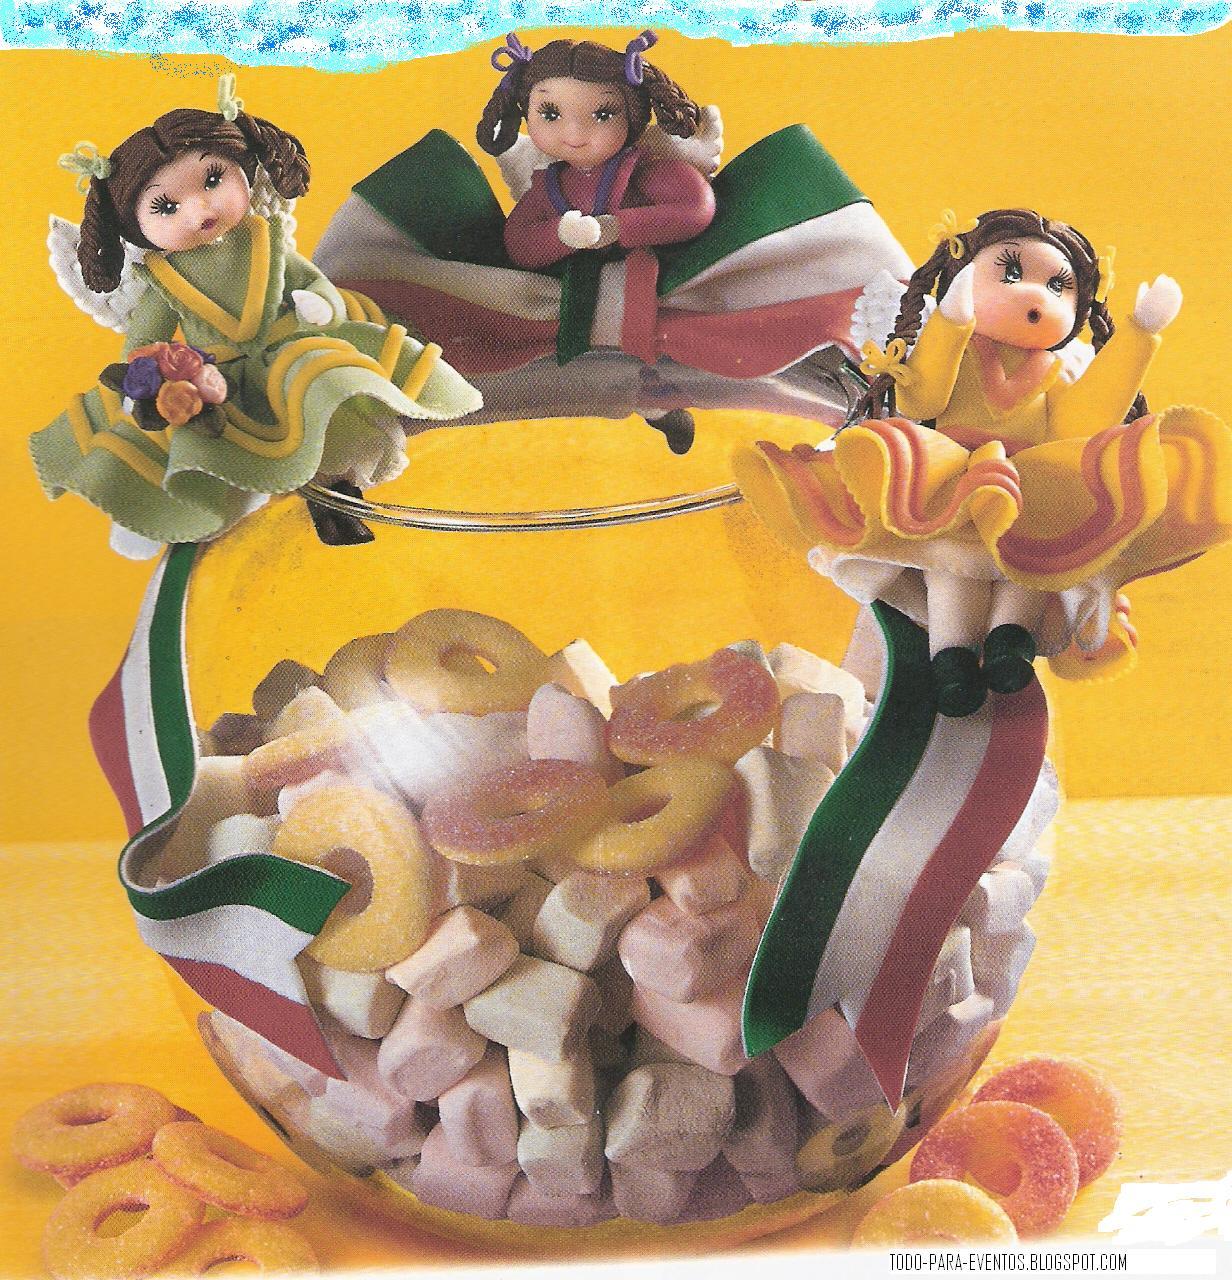 decoraciones como prendedores o recuerdos de algún festejo mexicano